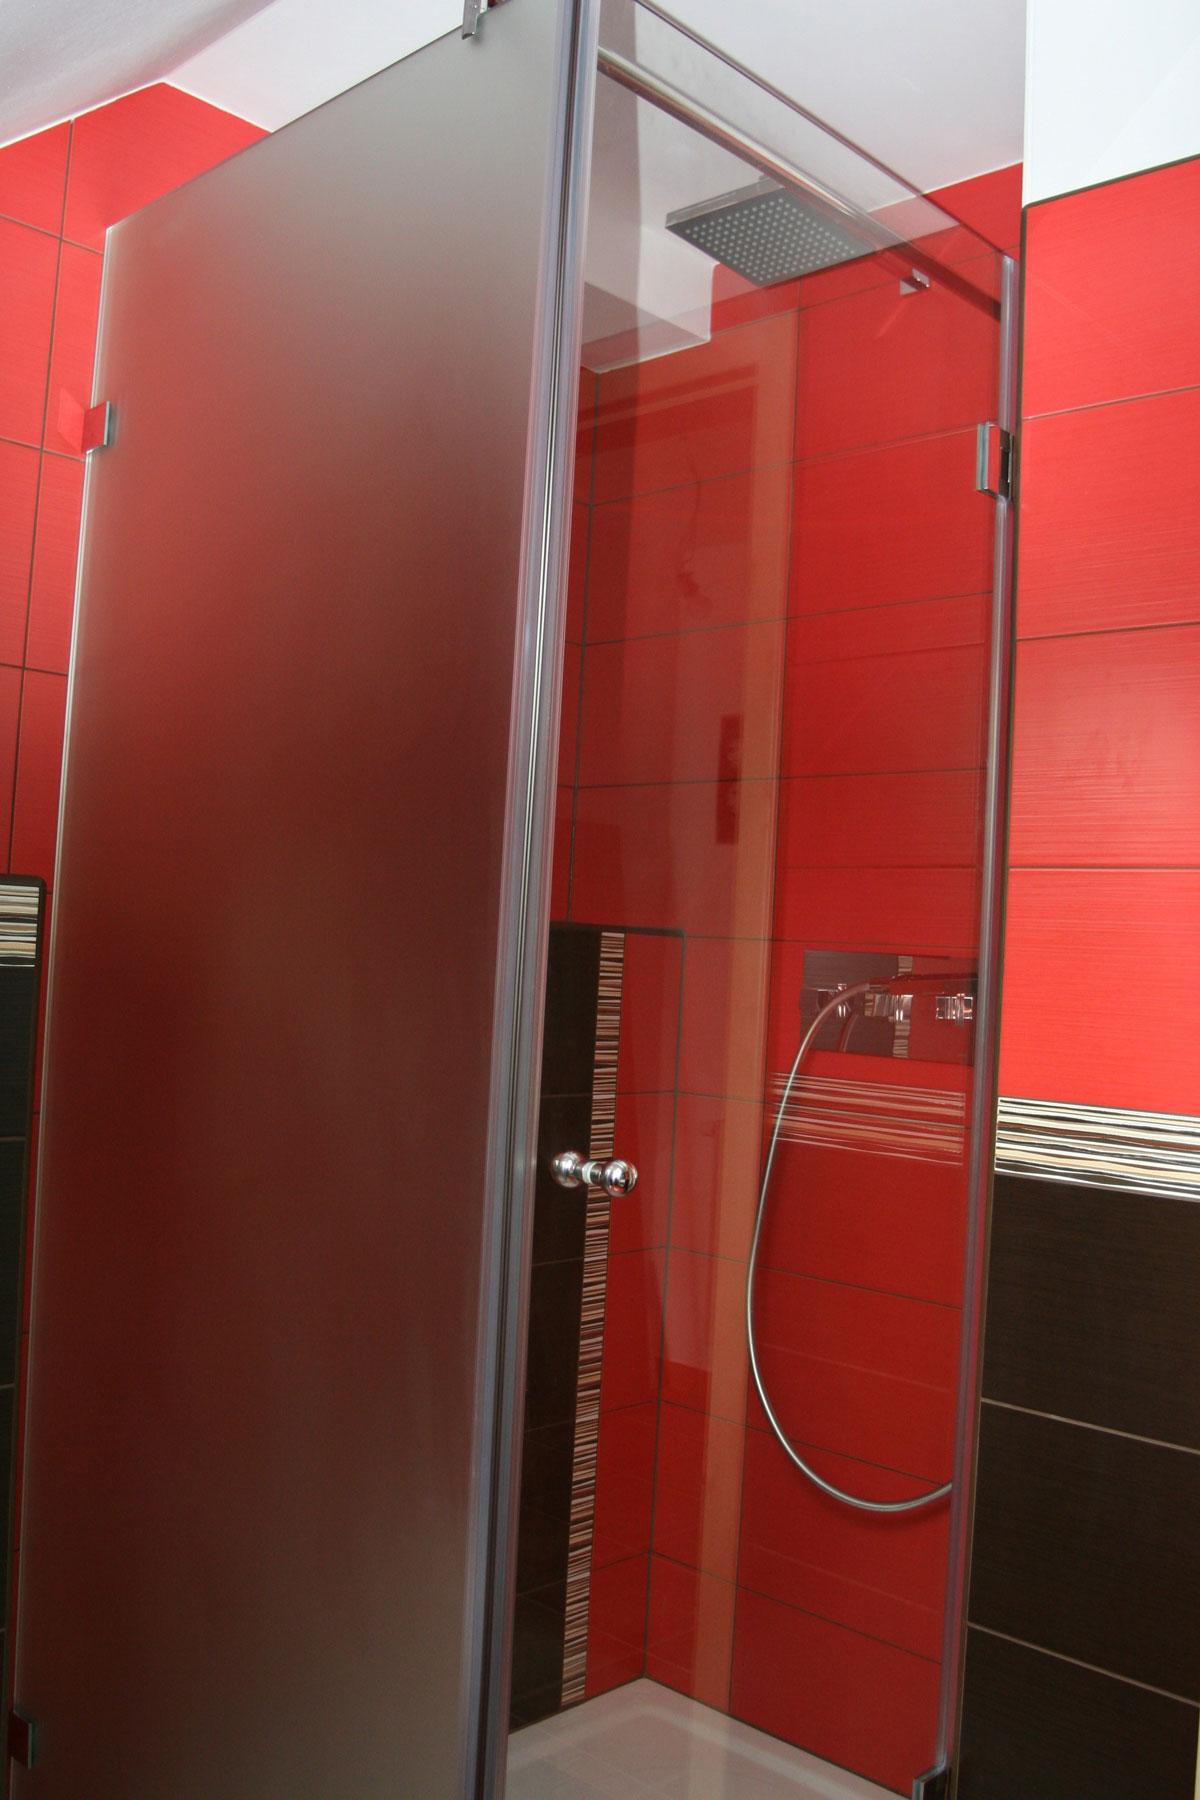 Sklenarstvi-Prerost-sprchove- kouty-a-sprchy (14)